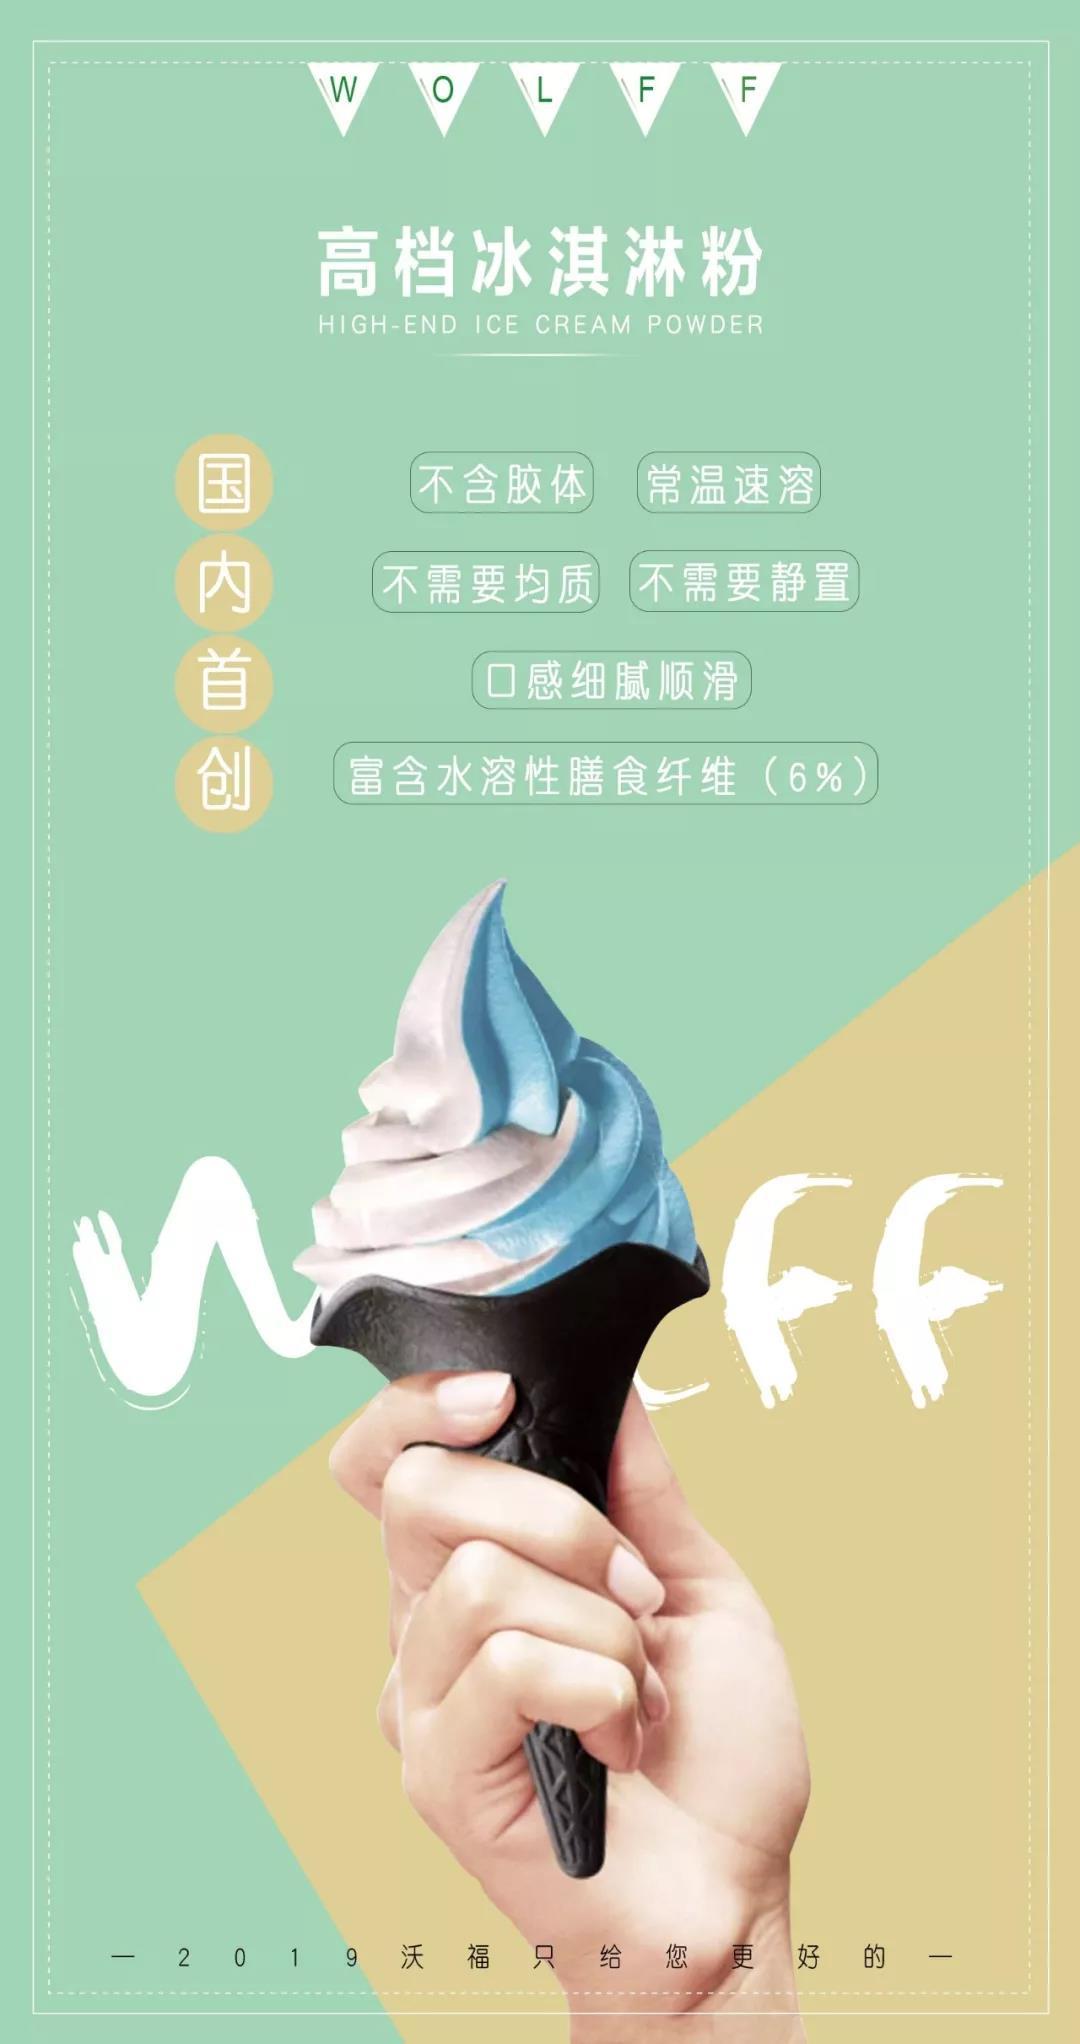 高档冰淇淋粉